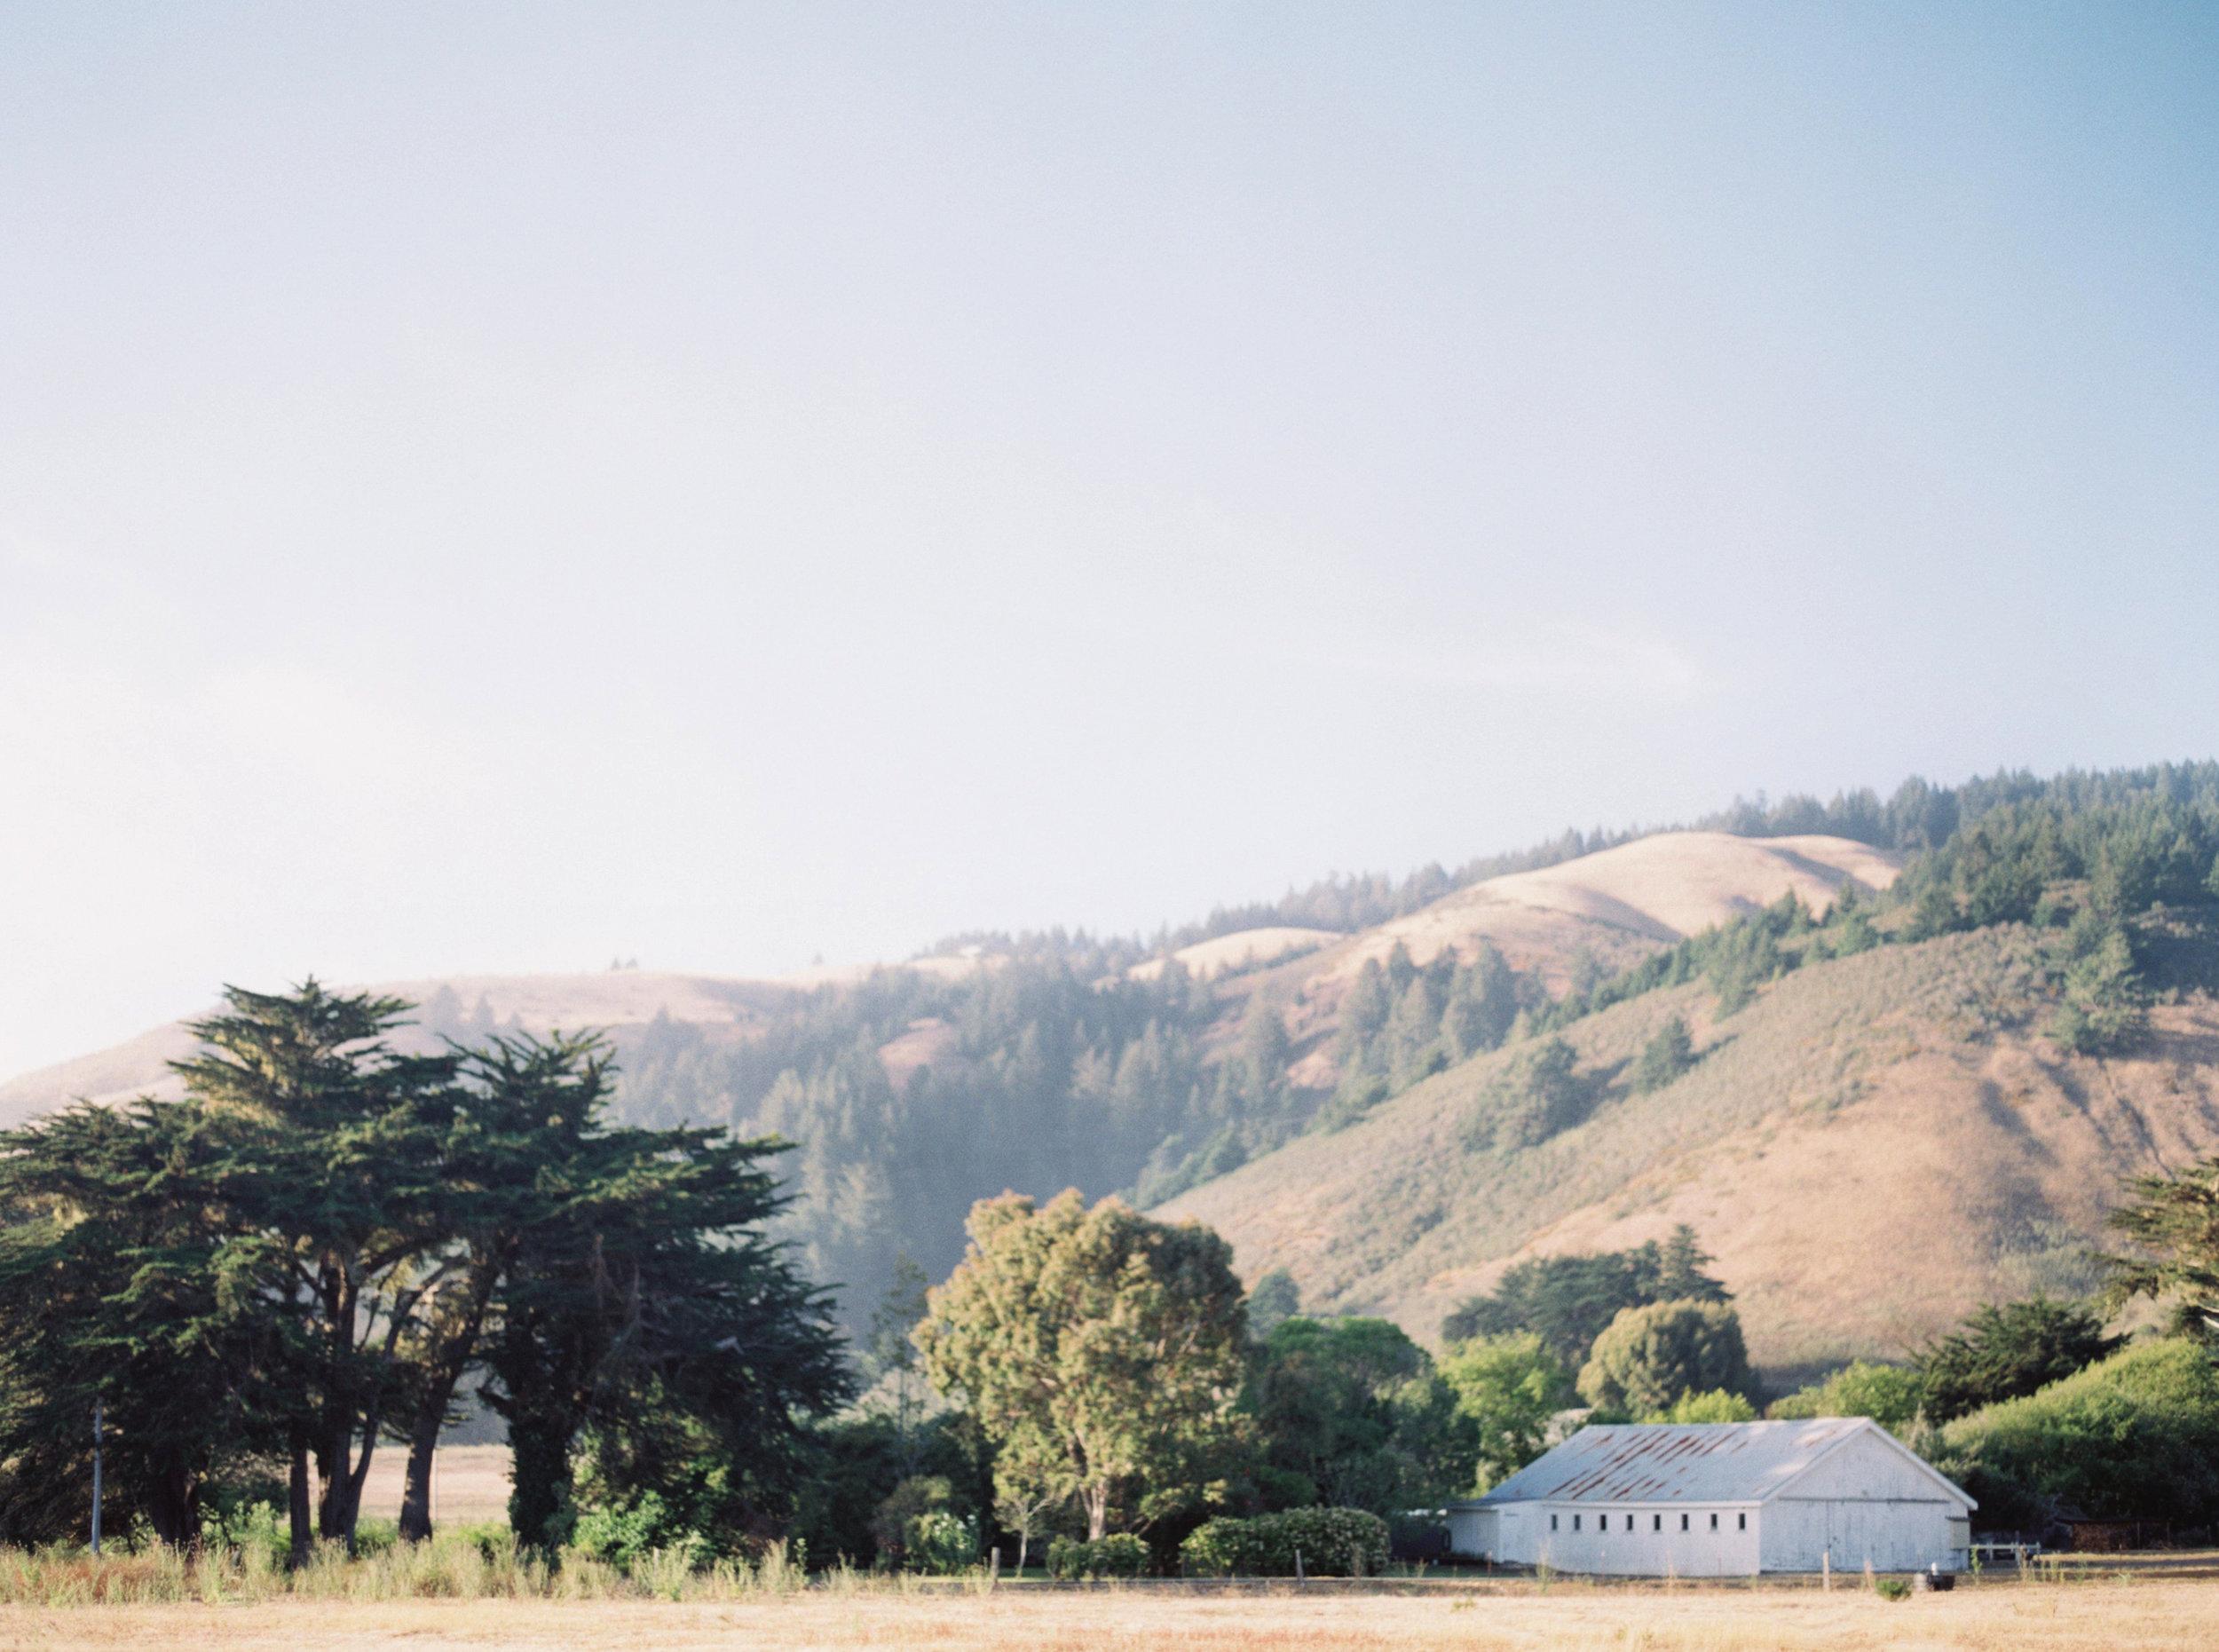 JenHuang-elk-california-11-8637_11.jpg